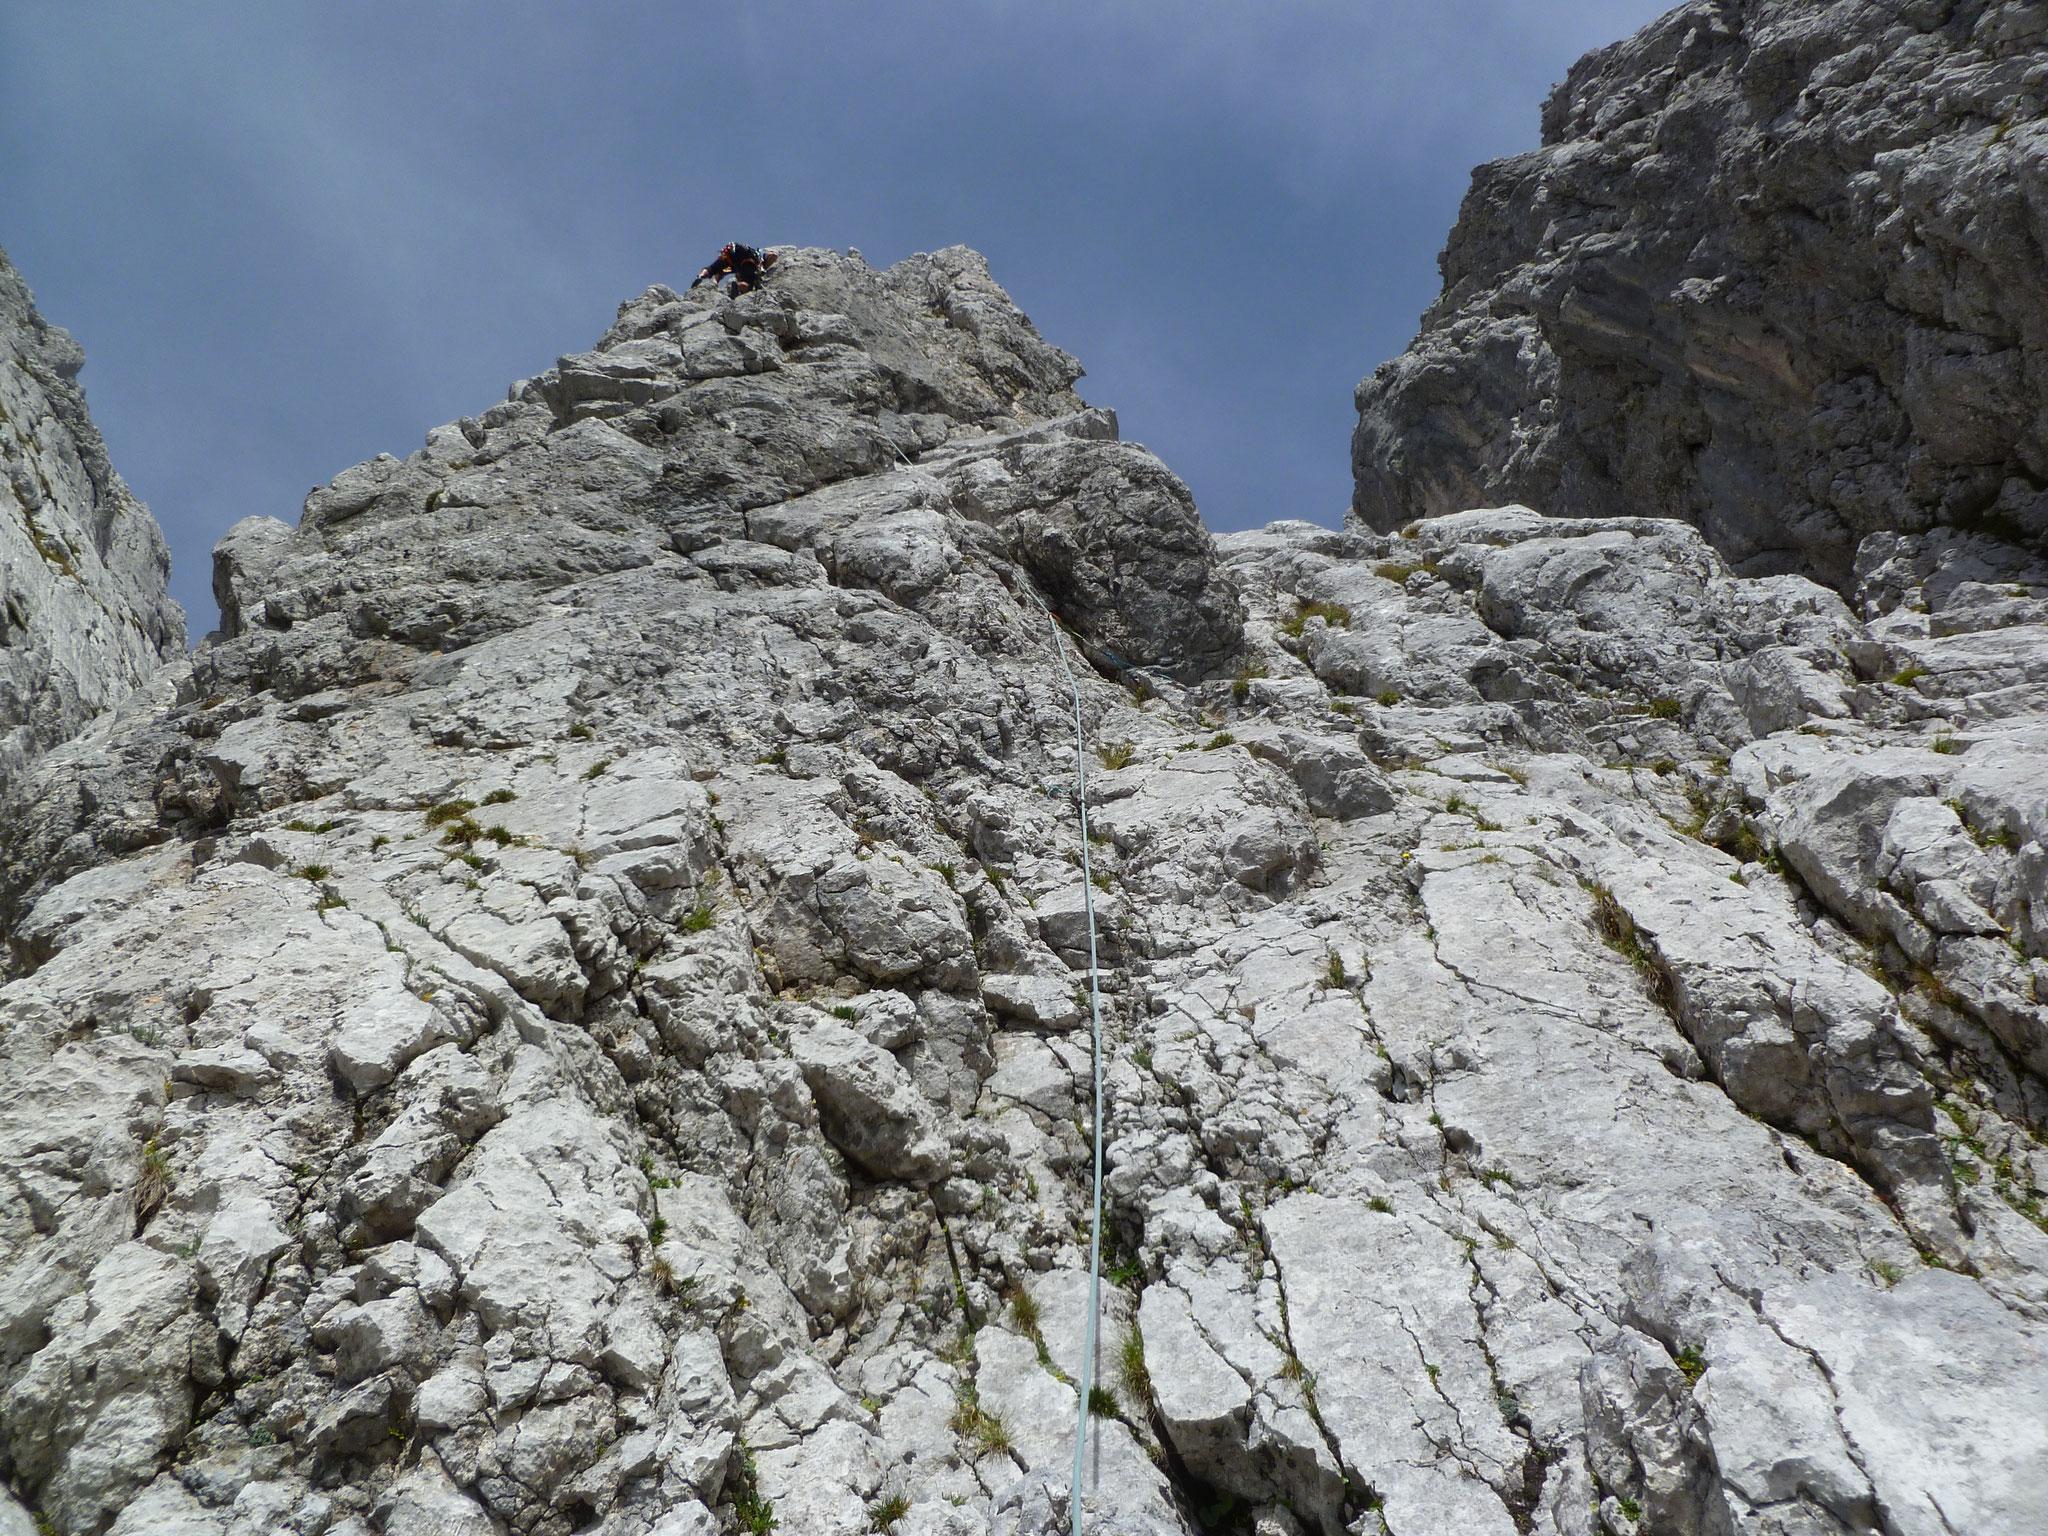 Endlich - die erste Kletterlänge!